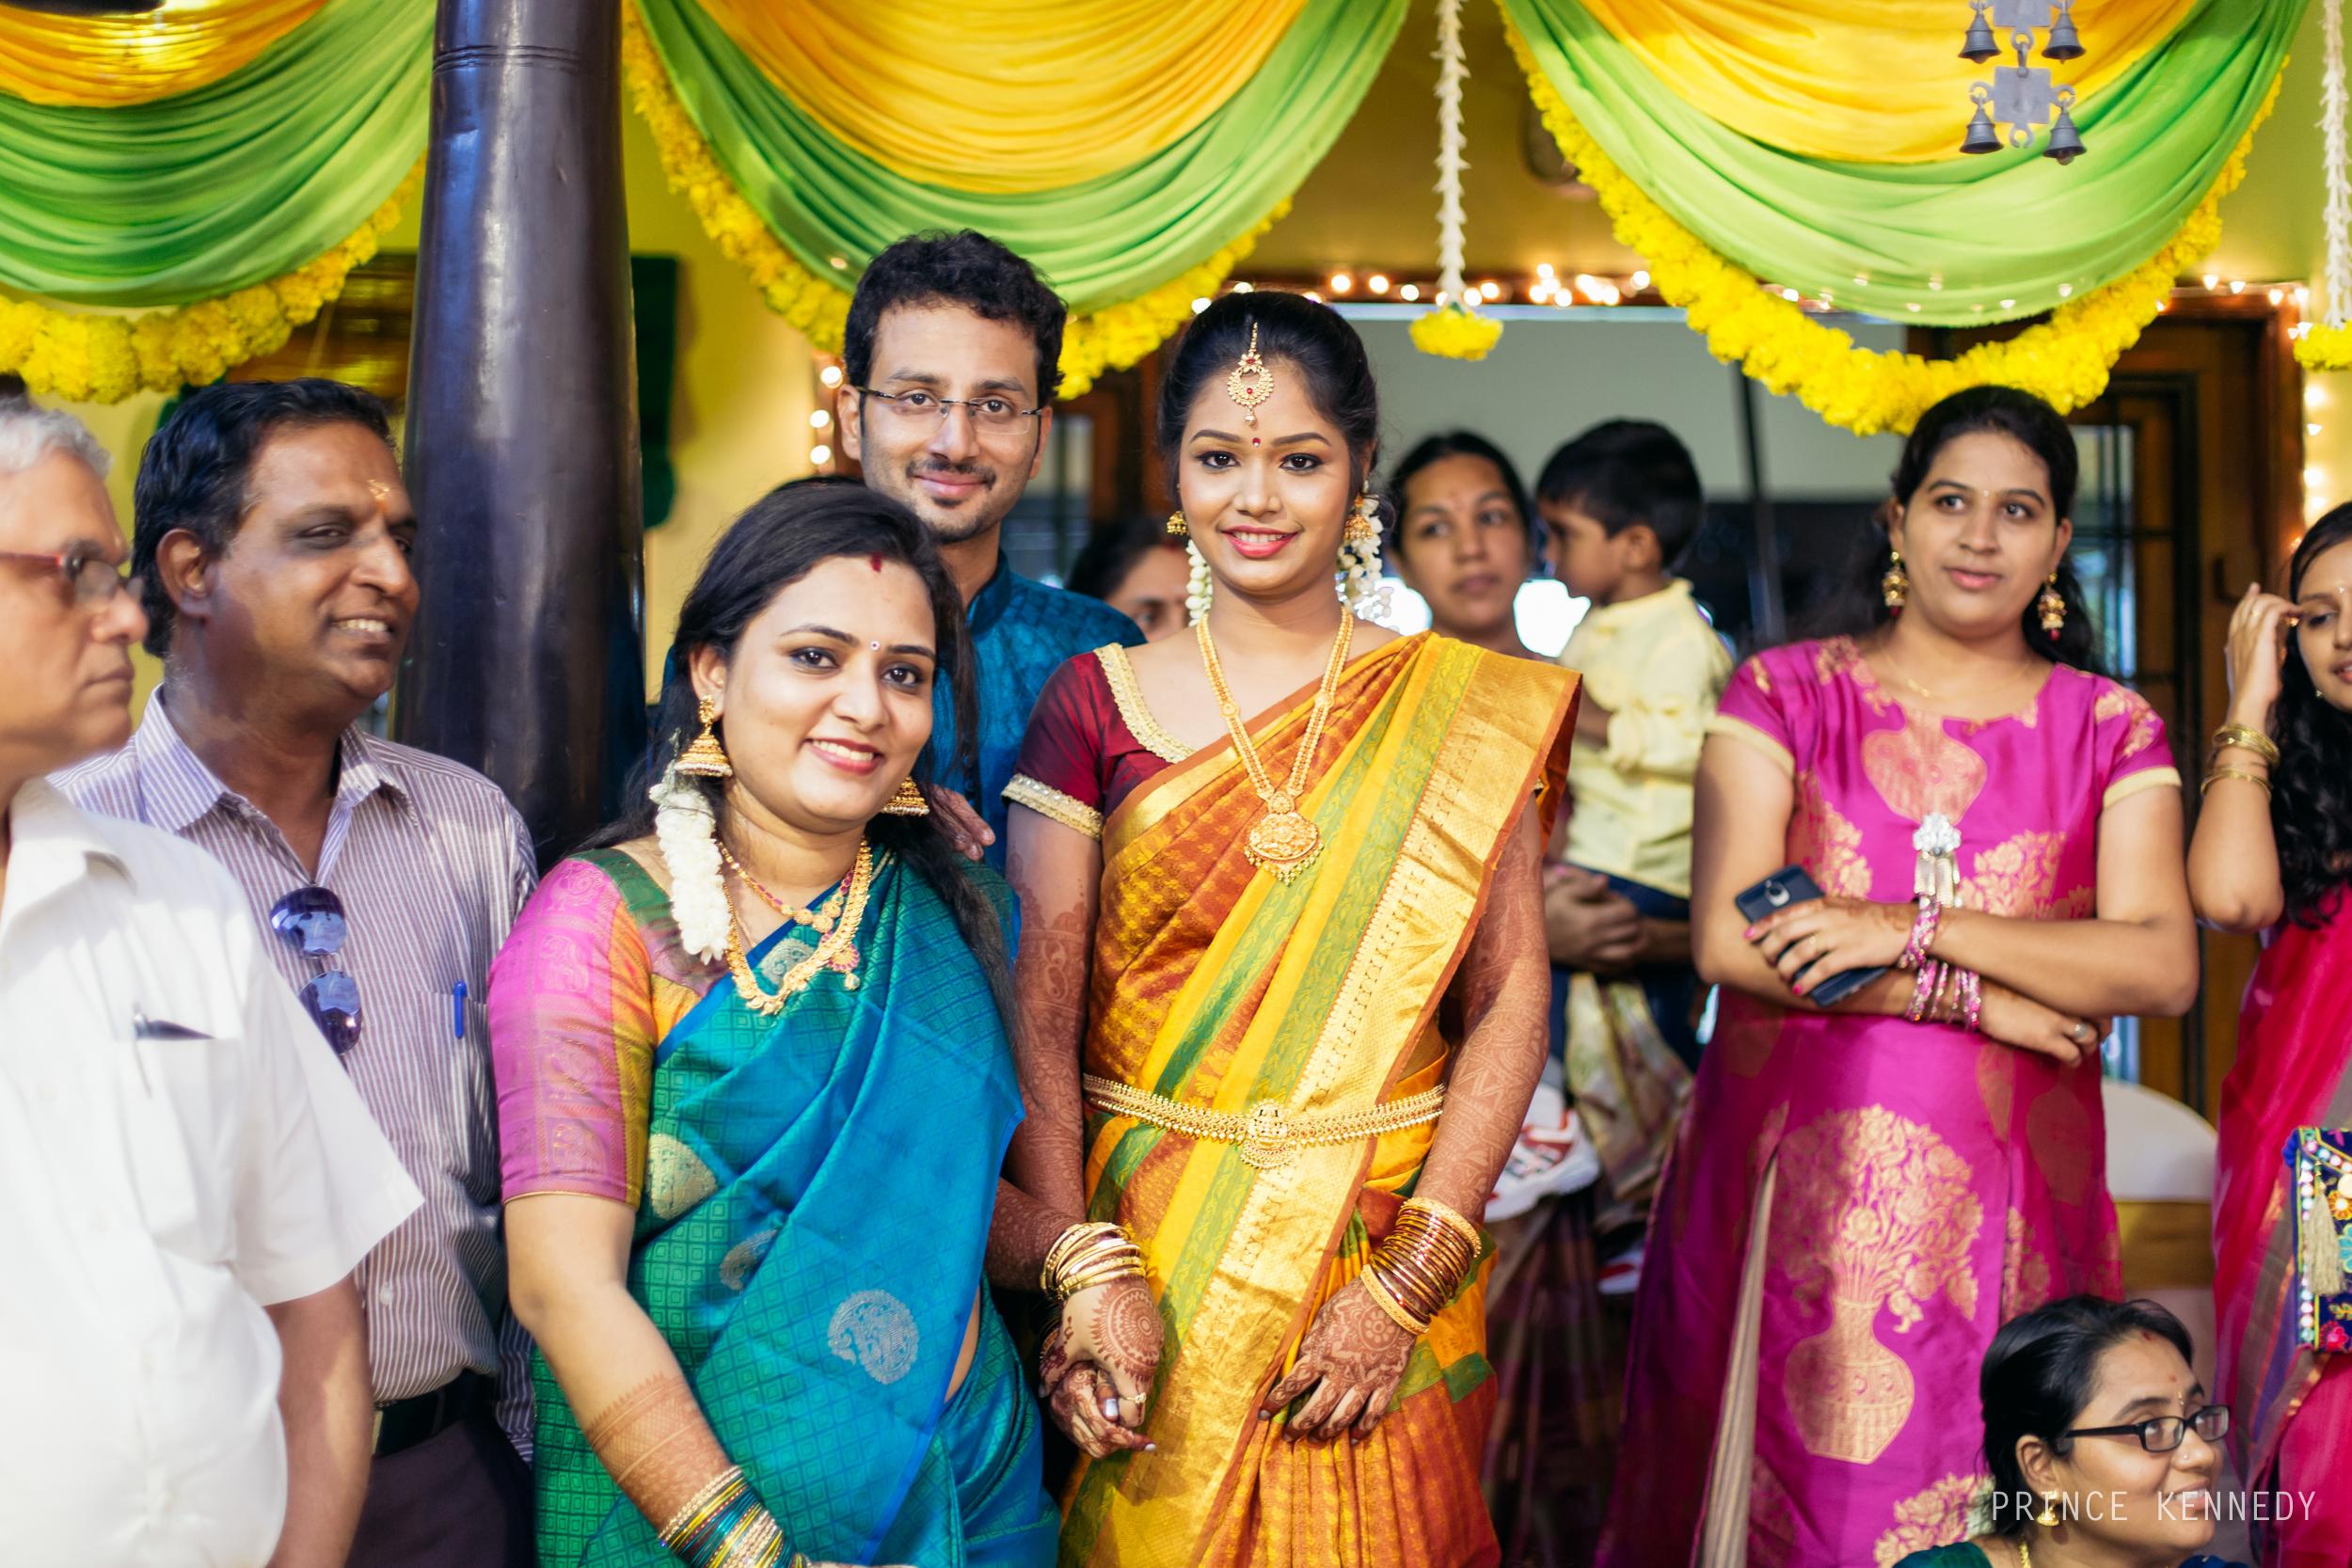 Engagement-Couple-Portrait-Portraiture-Wedding-Couple-Portrait-Chennai-Photographer-Candid-Photography-Destination-Best-Prince-Kennedy-Photography-146.jpg